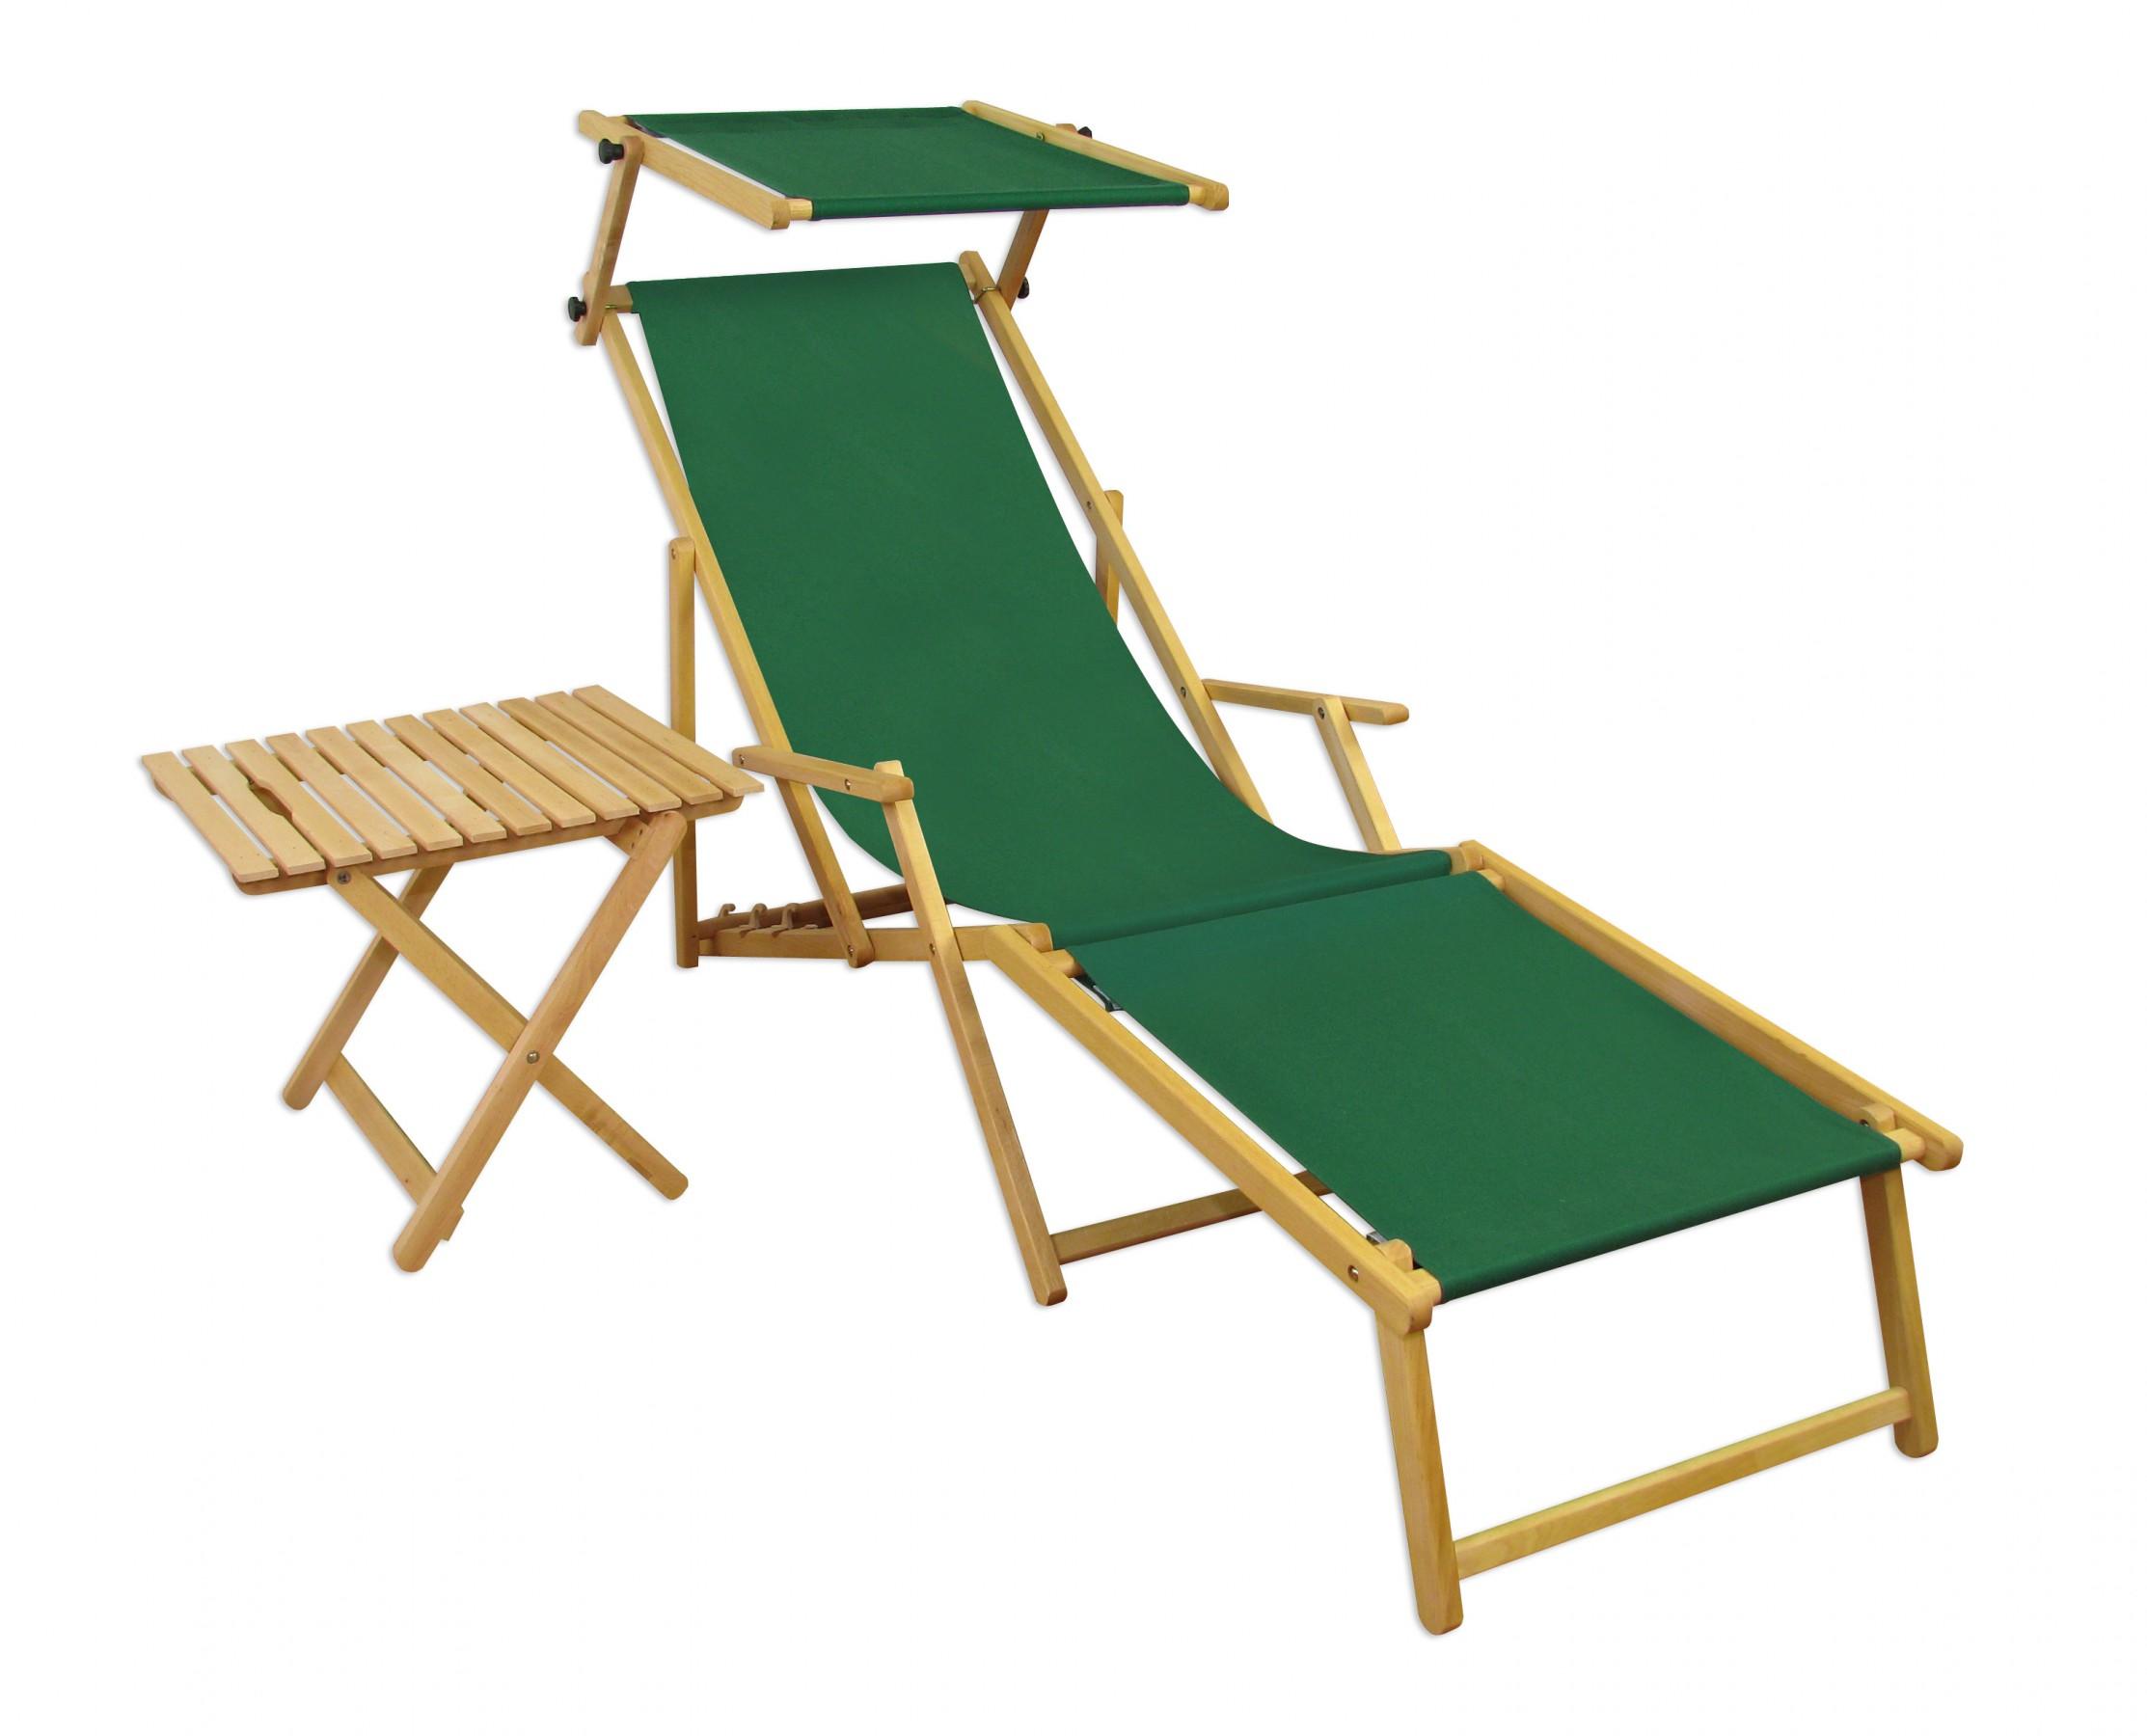 Relaxliege vert transat pour jardin fauteuil de plage for Chaise longue jardin verte